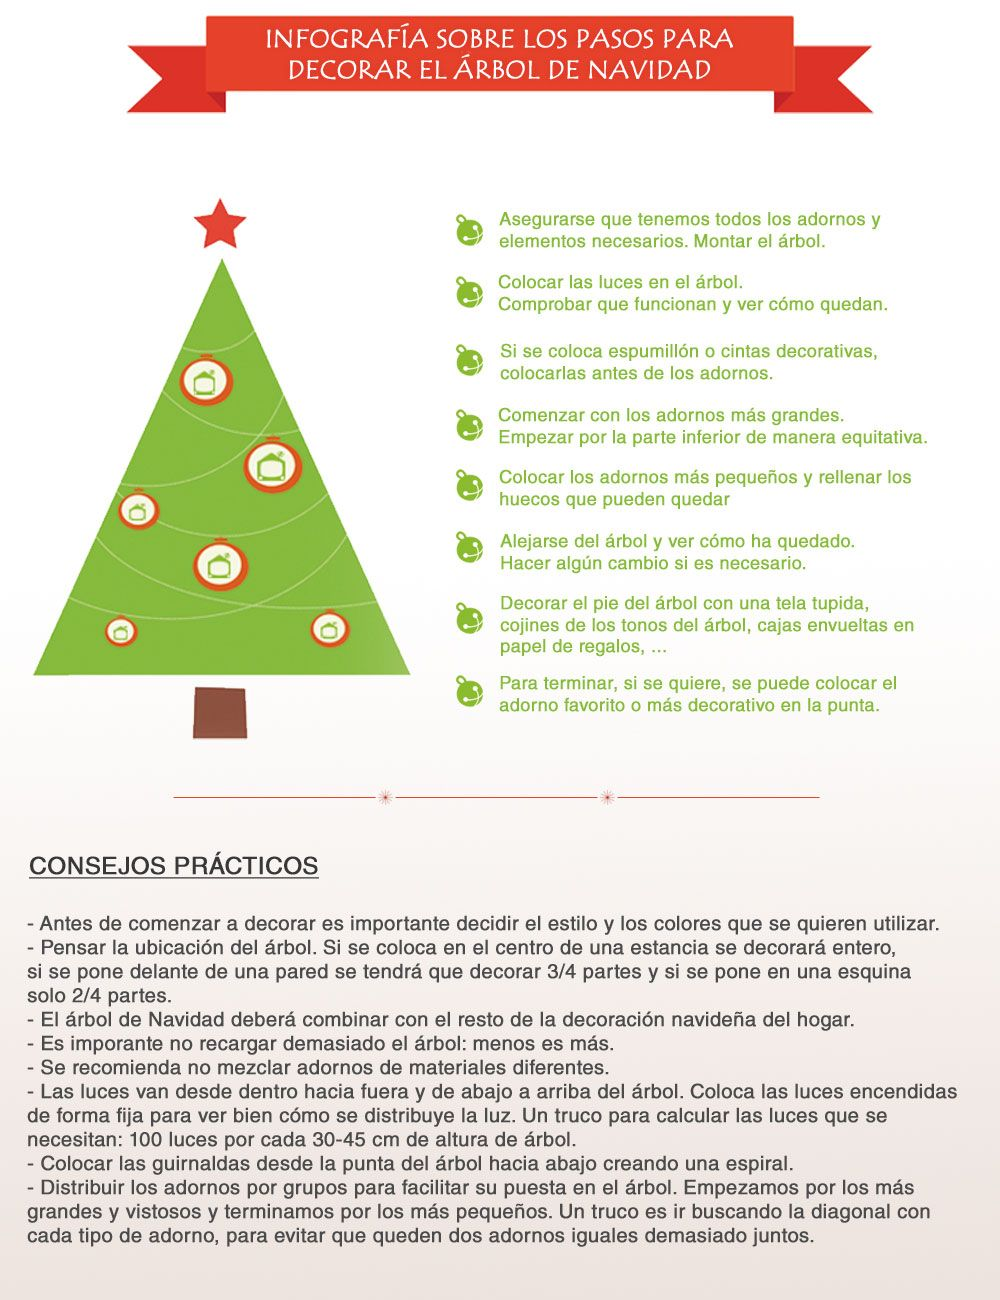 Infografía de los pasos para decorar el árbol de Navidad